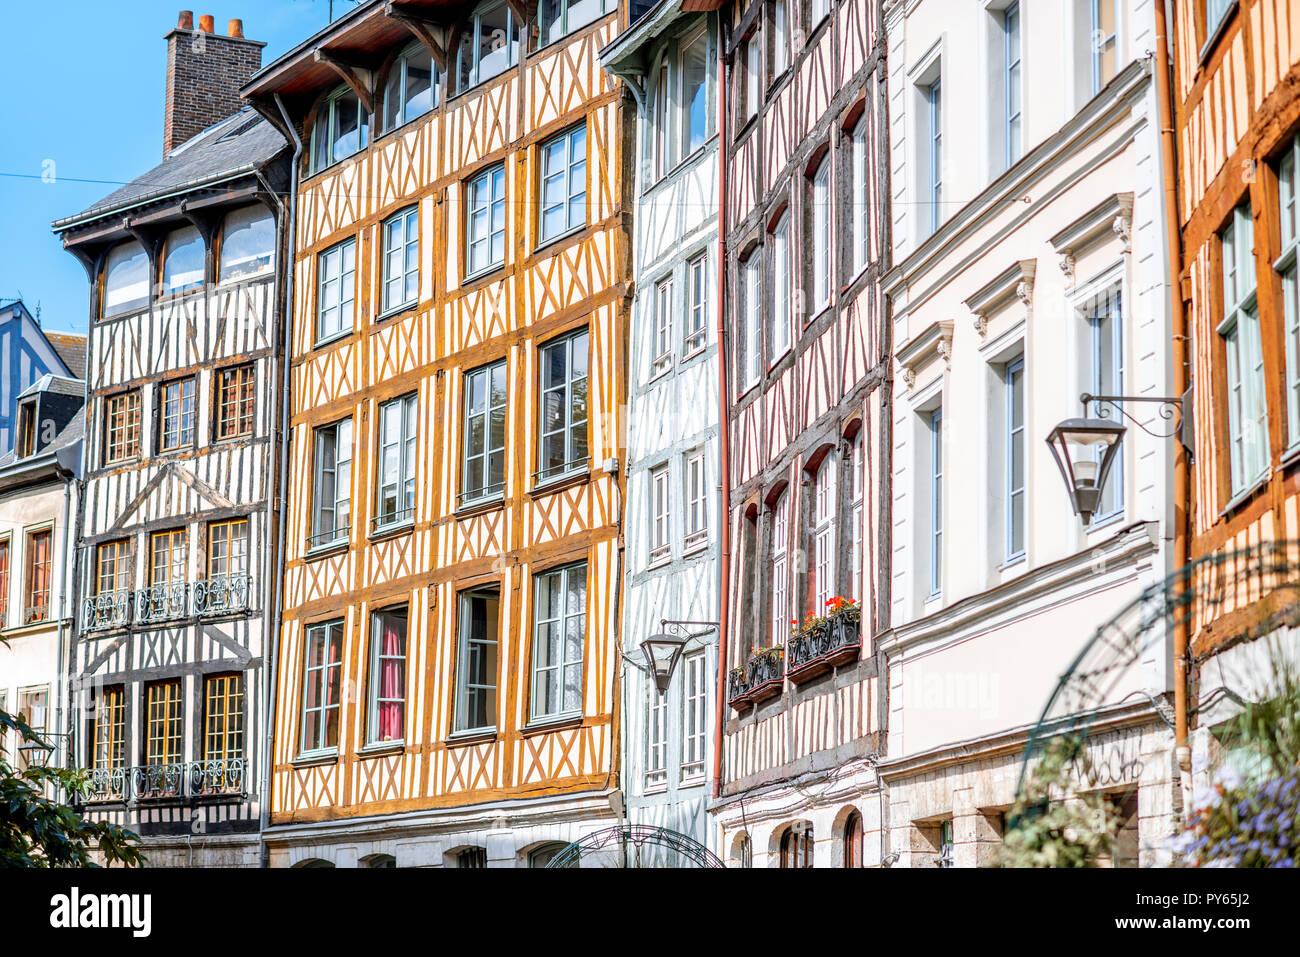 Hermosa coloridas casas con entramados de madera en la ciudad de Rouen, la capital de la región de Normandía en Francia Imagen De Stock